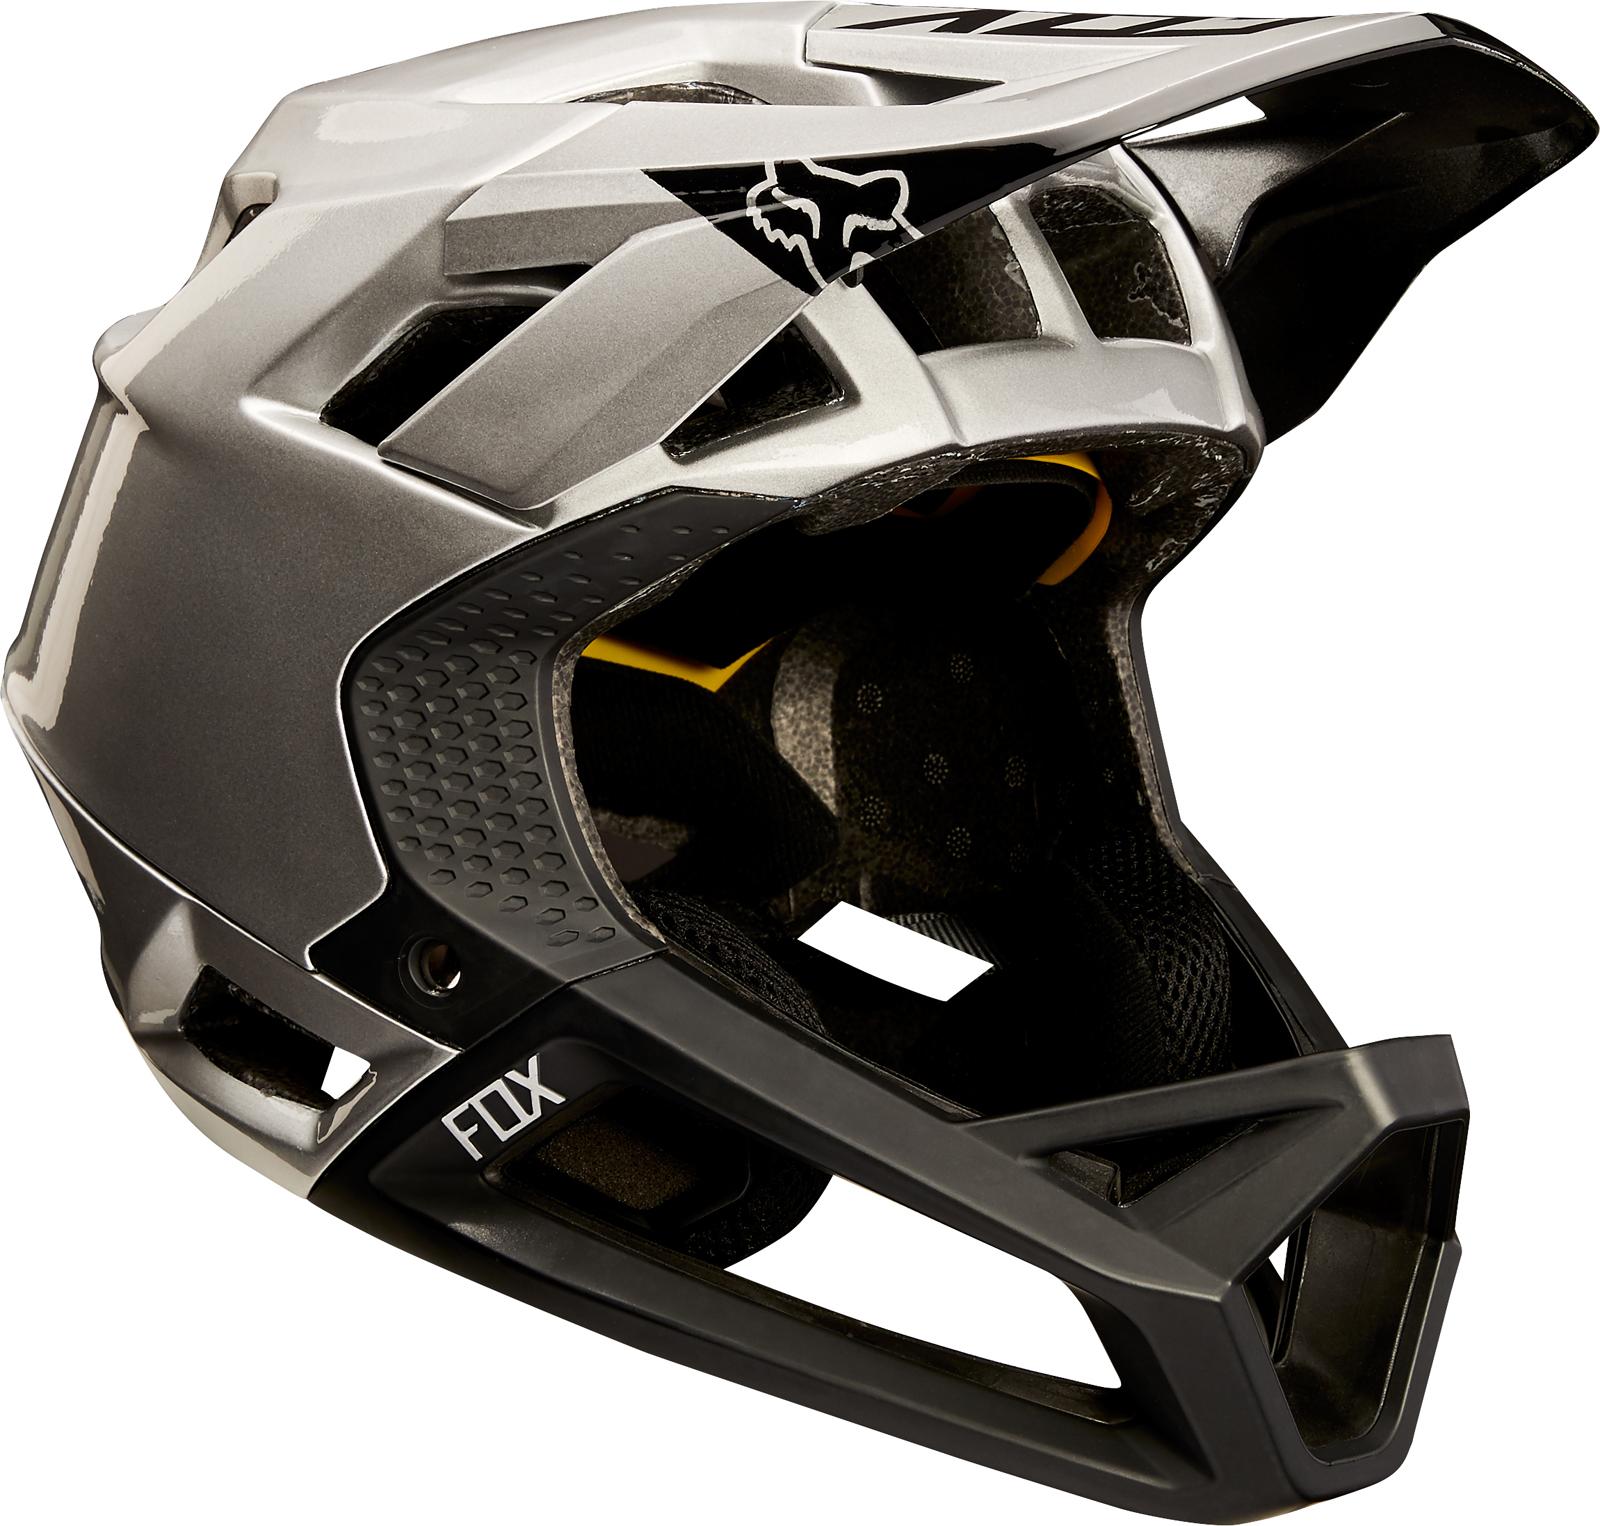 Fox Proframe Full Face Mtb Downhill Bike Helmet Ebay